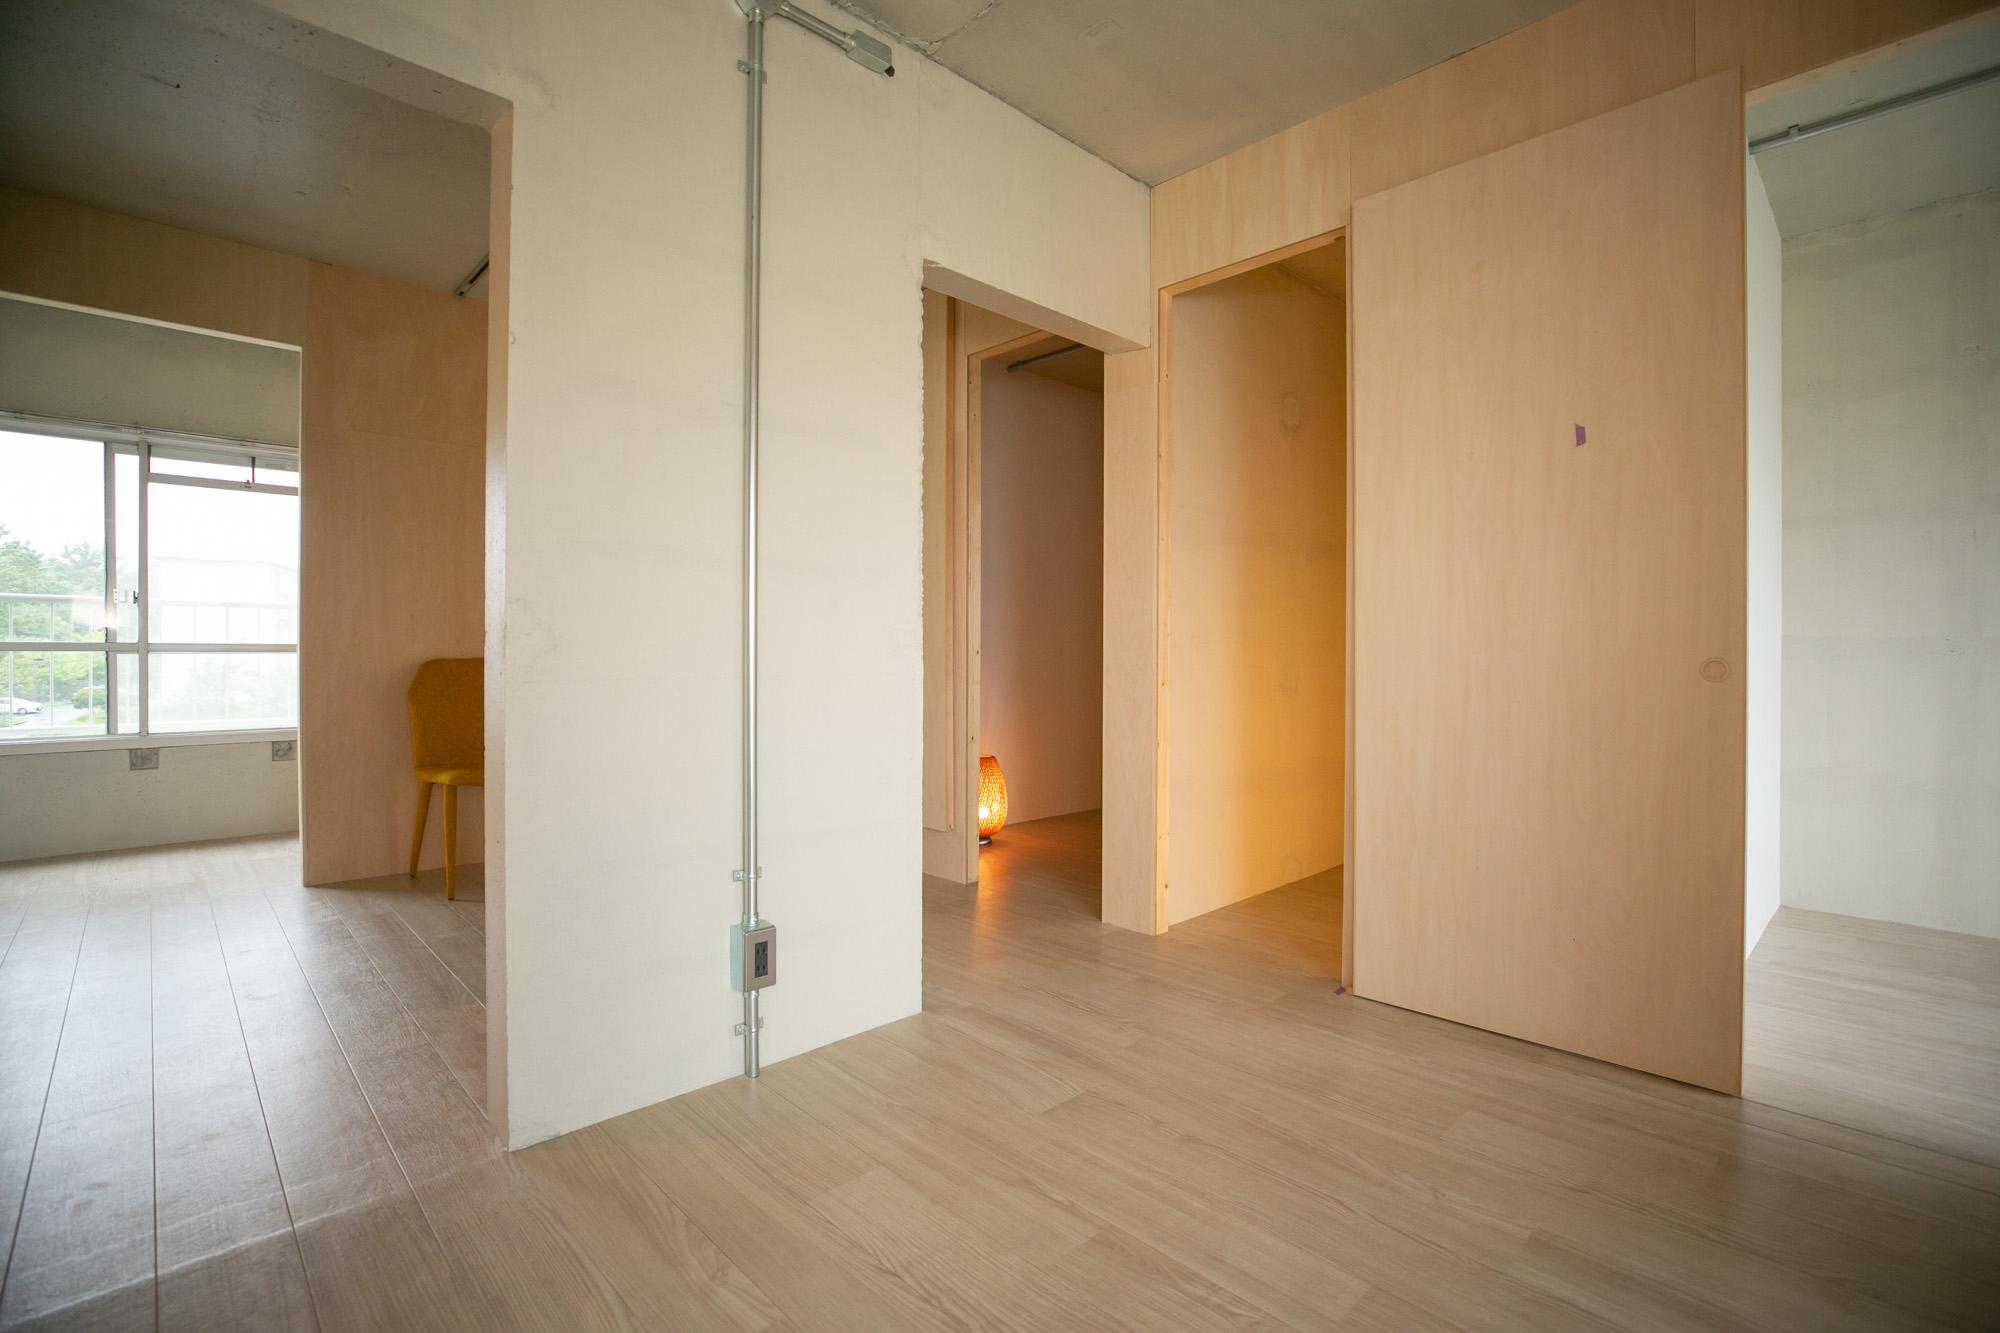 玄関を挟んで隣り合うもう1部屋へ。こちらは仕切りがさらに多く、小さなスペースが集まっています。